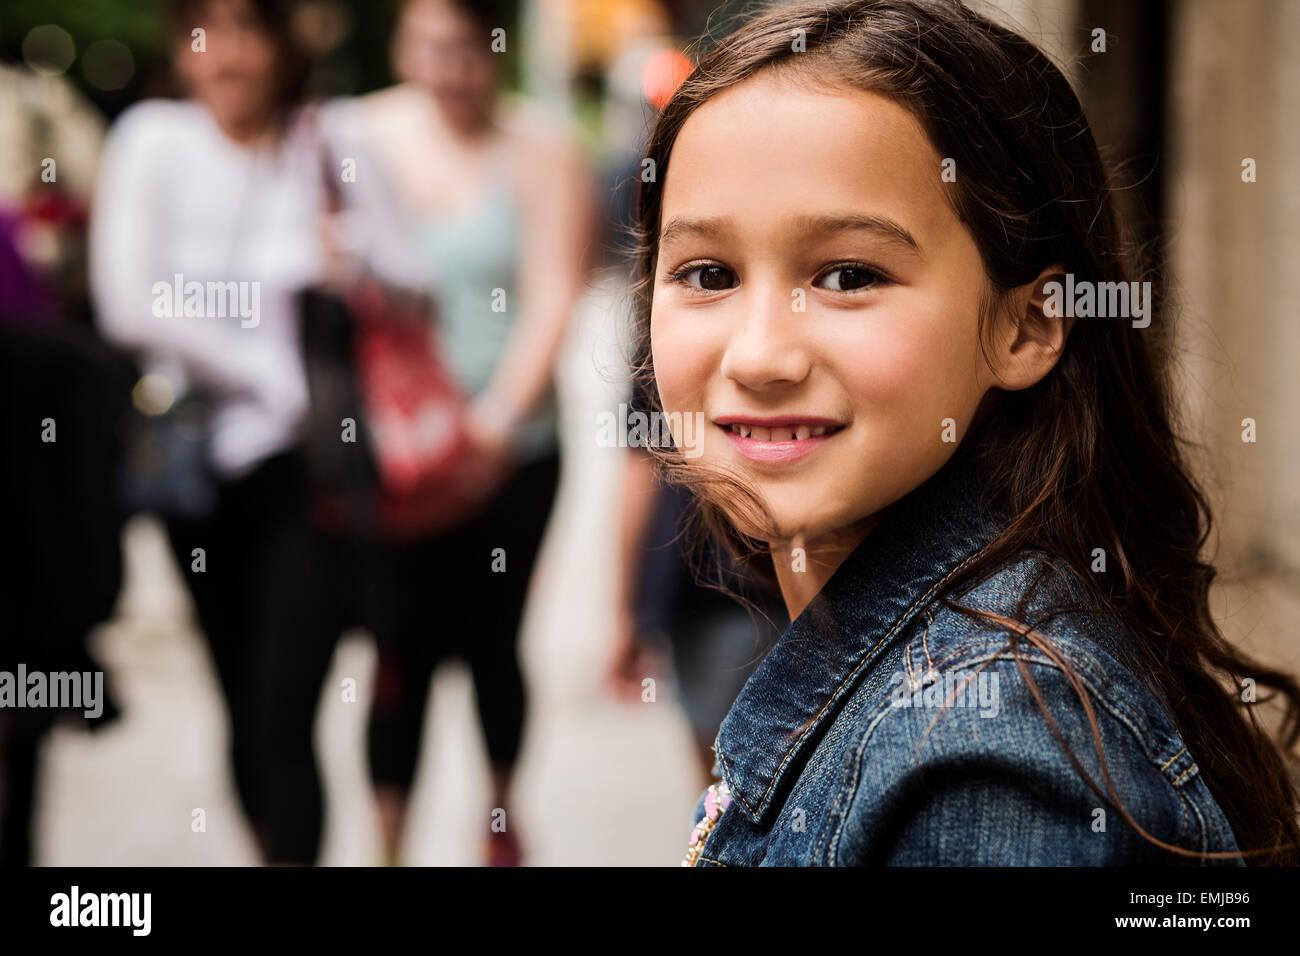 Ritratto di giovane sorridente ragazza, Close-Up Immagini Stock